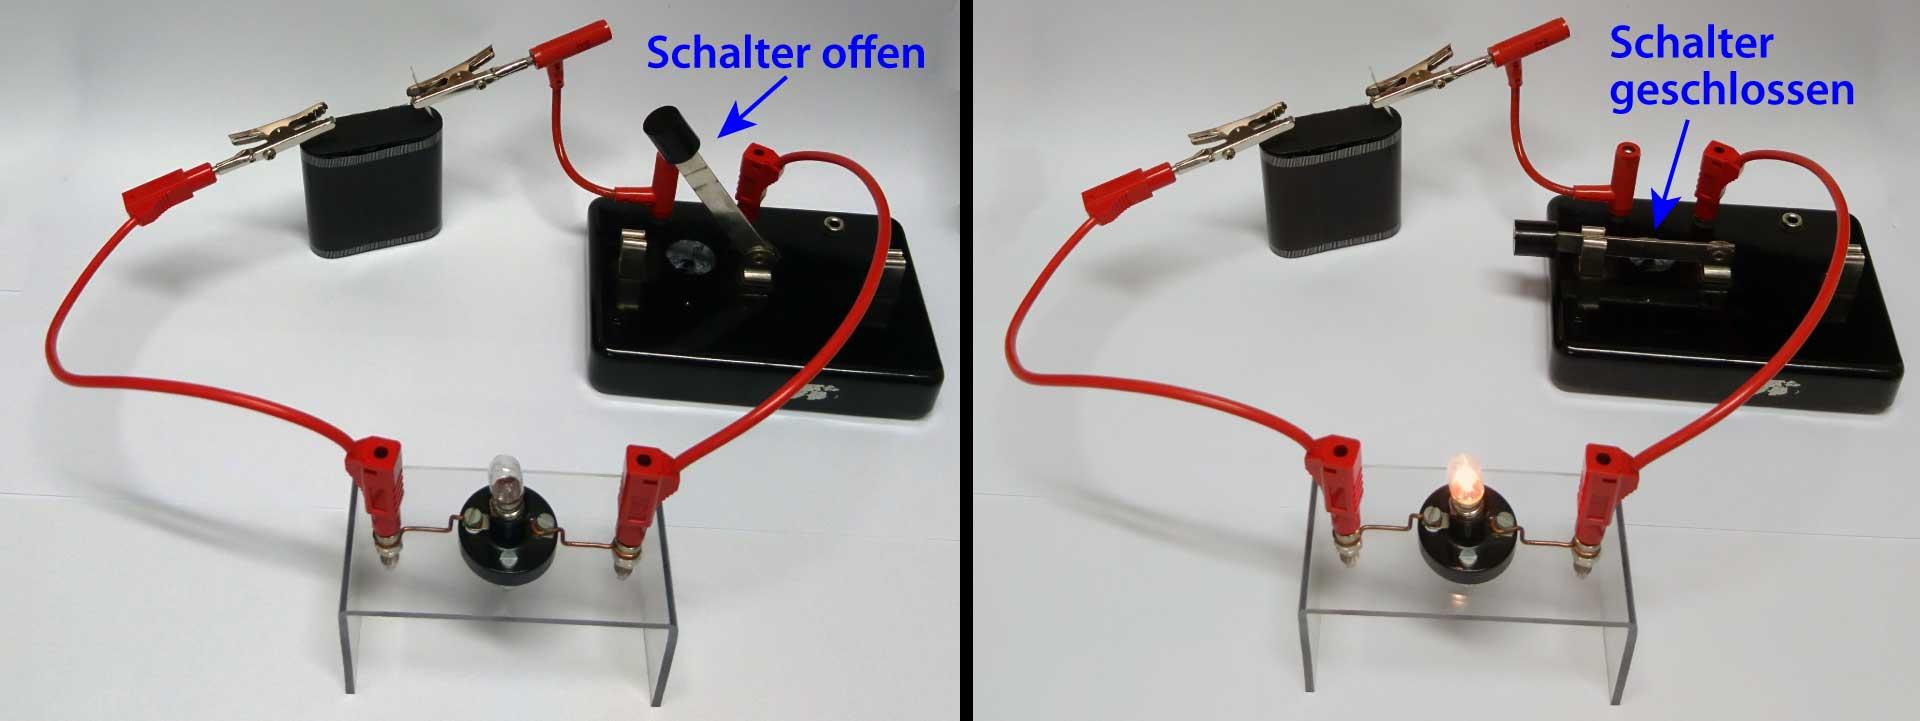 Stromkreis mit Batterie, Schalter und Lampe